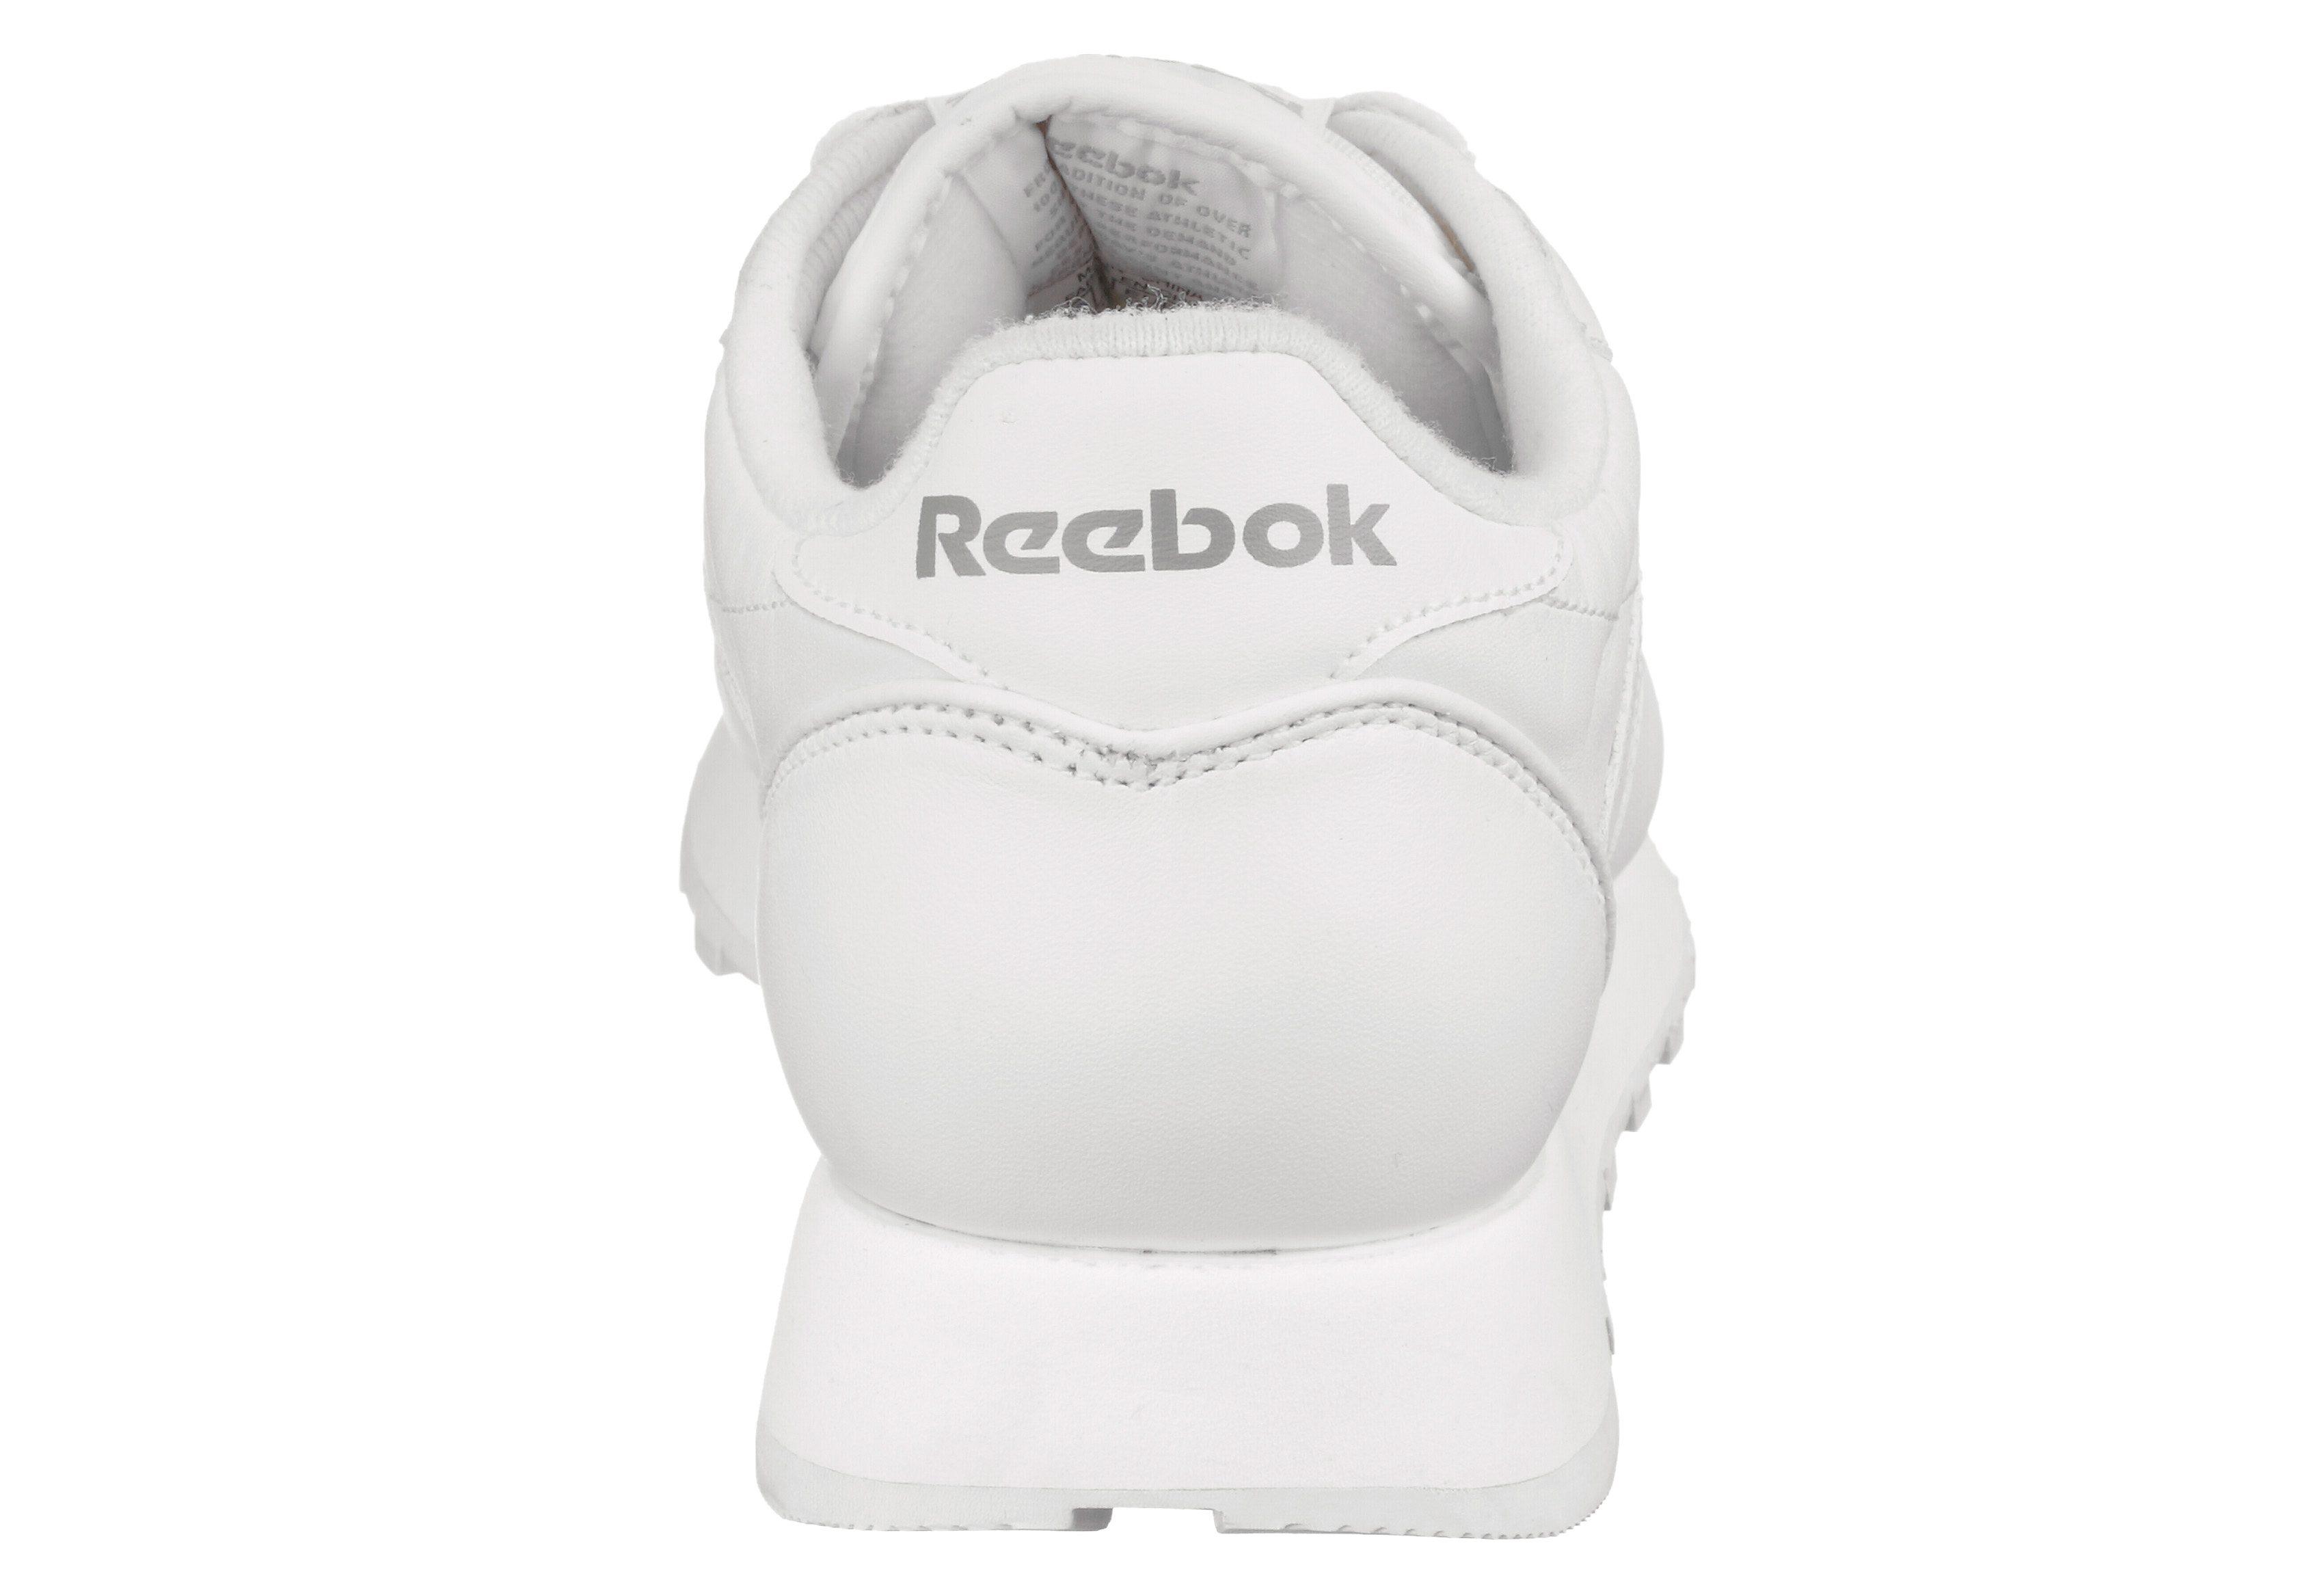 SneakerEva Reebok »classic Tragekomfort zwischensohle Classic Online Optiamlen W« Kaufen Für Leather uPXZOklwTi